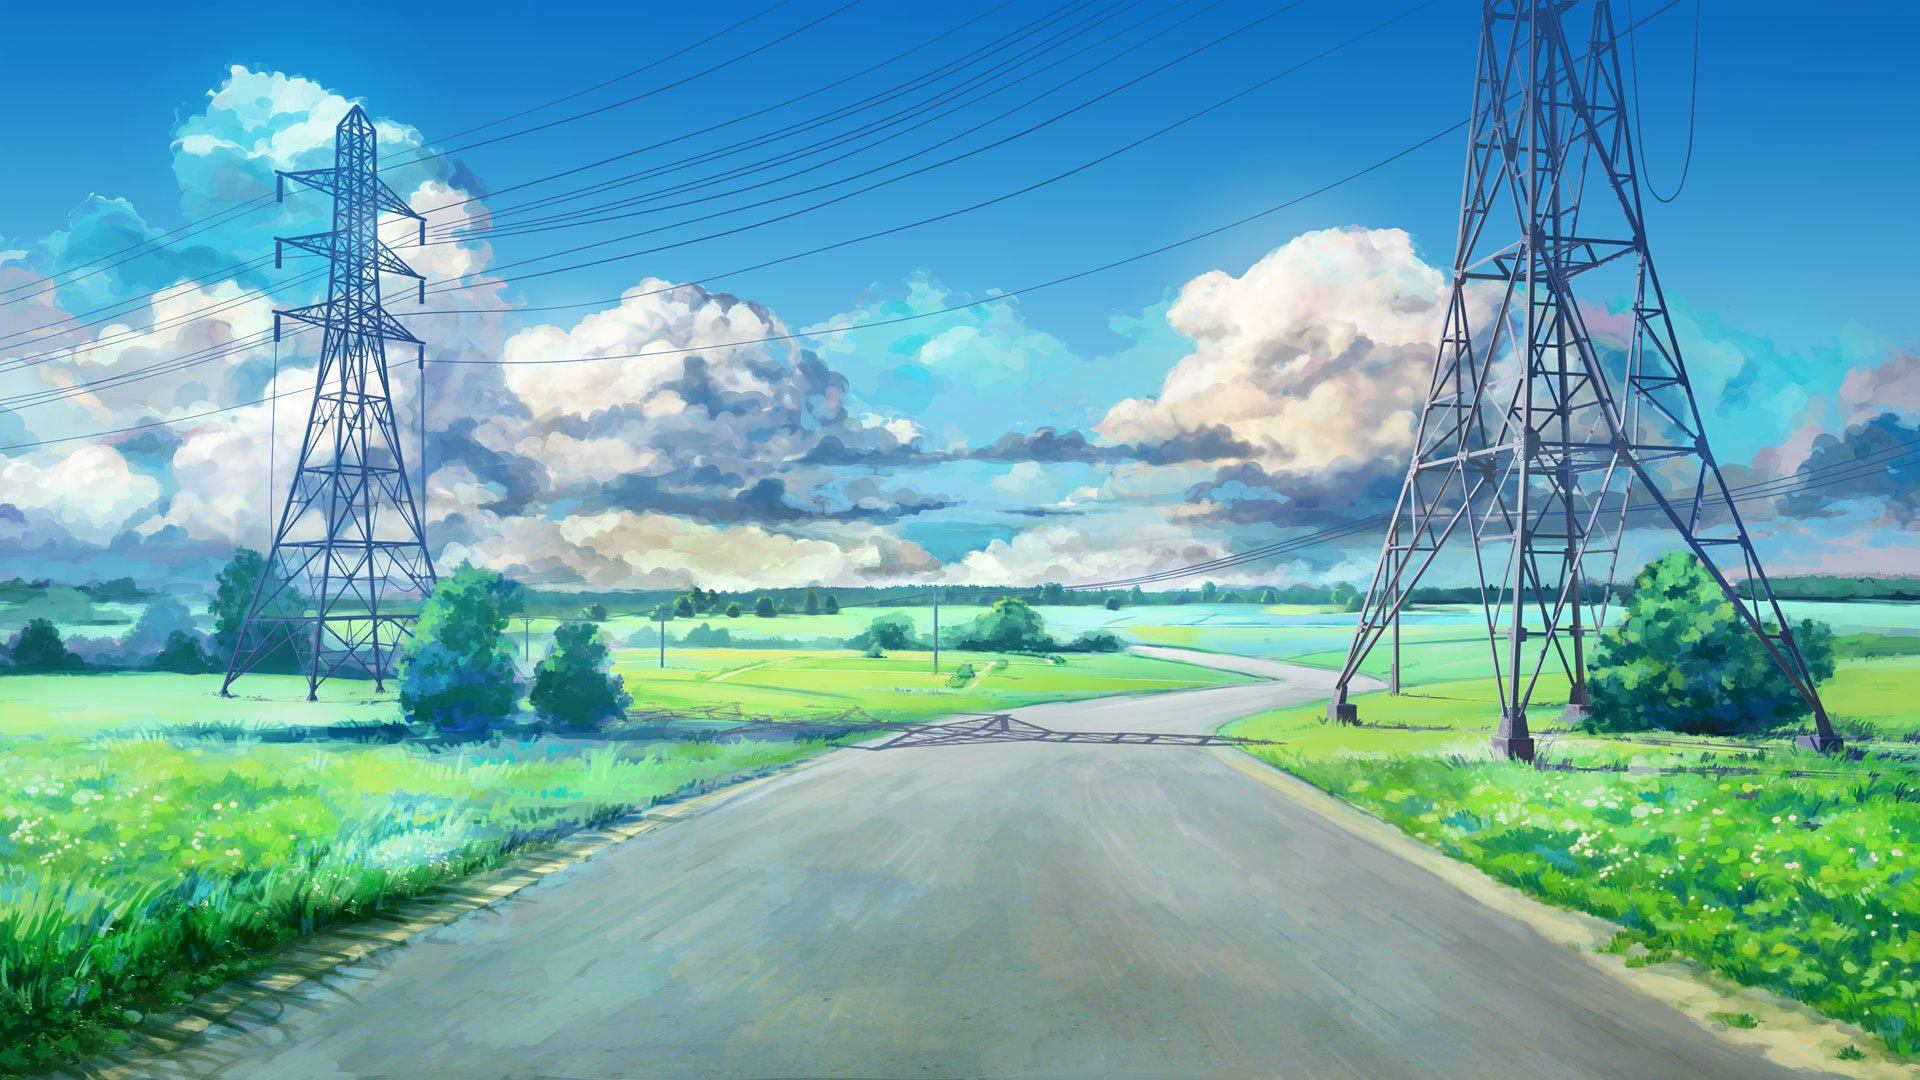 Картинки на фон лето